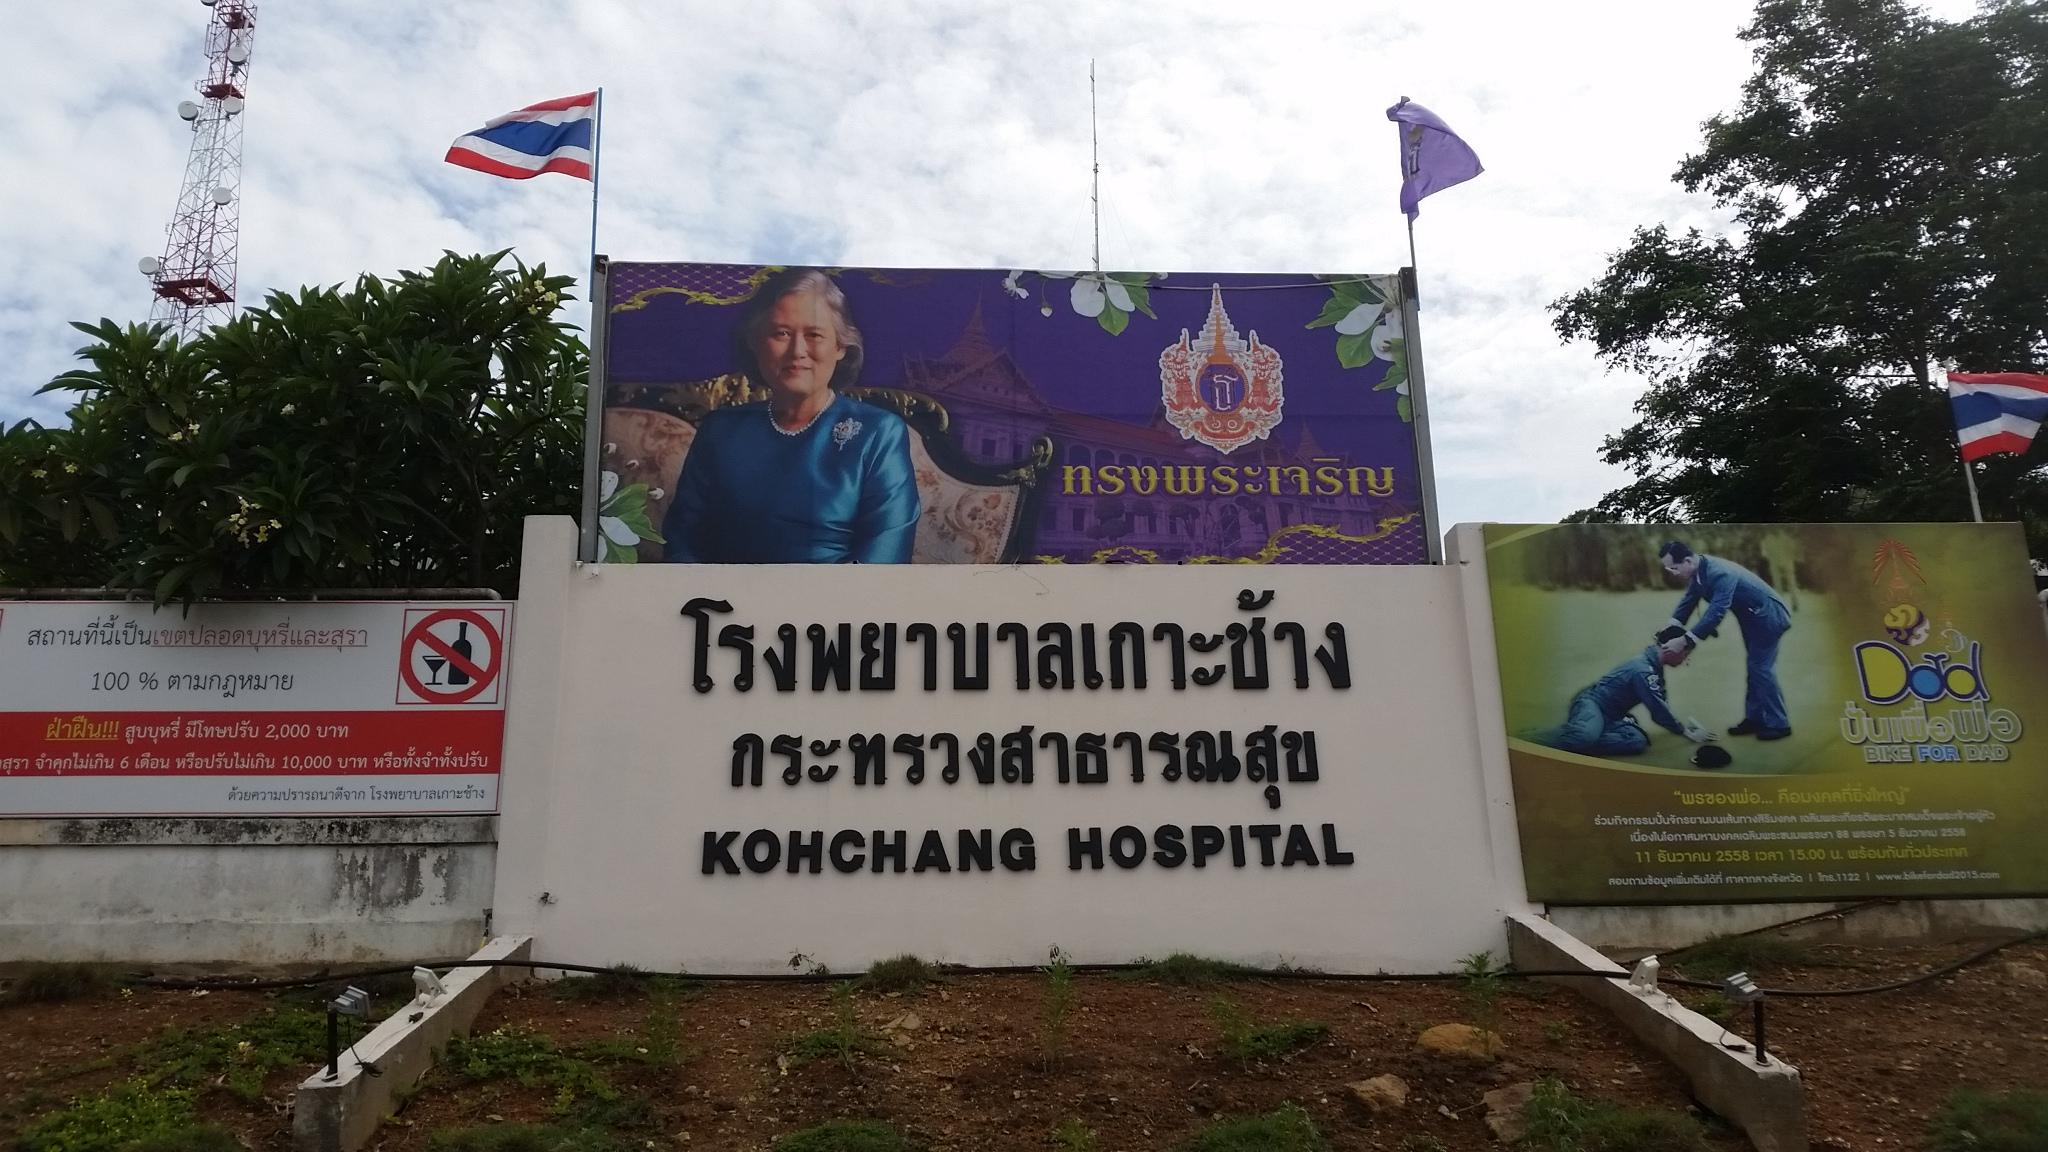 koh chang hospital banner